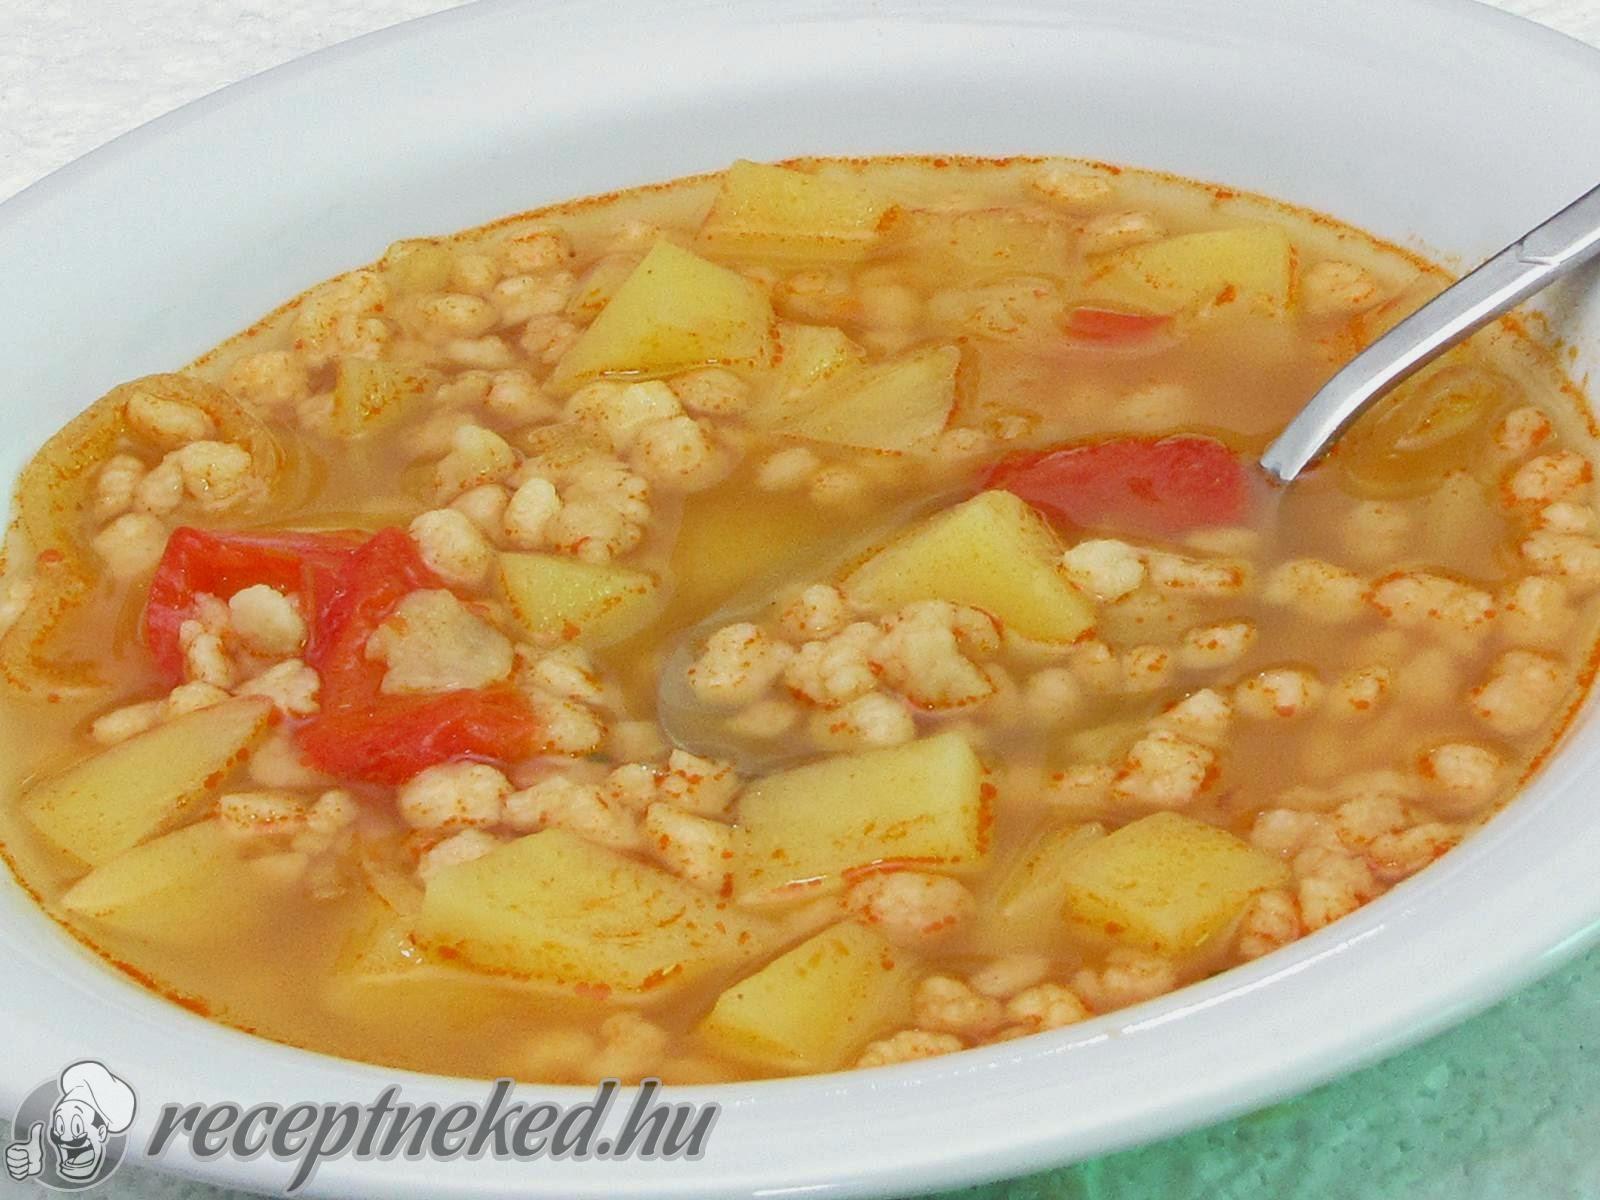 Tarhonyaleves recept Hajdu Istvan konyhájából - Receptneked.hu